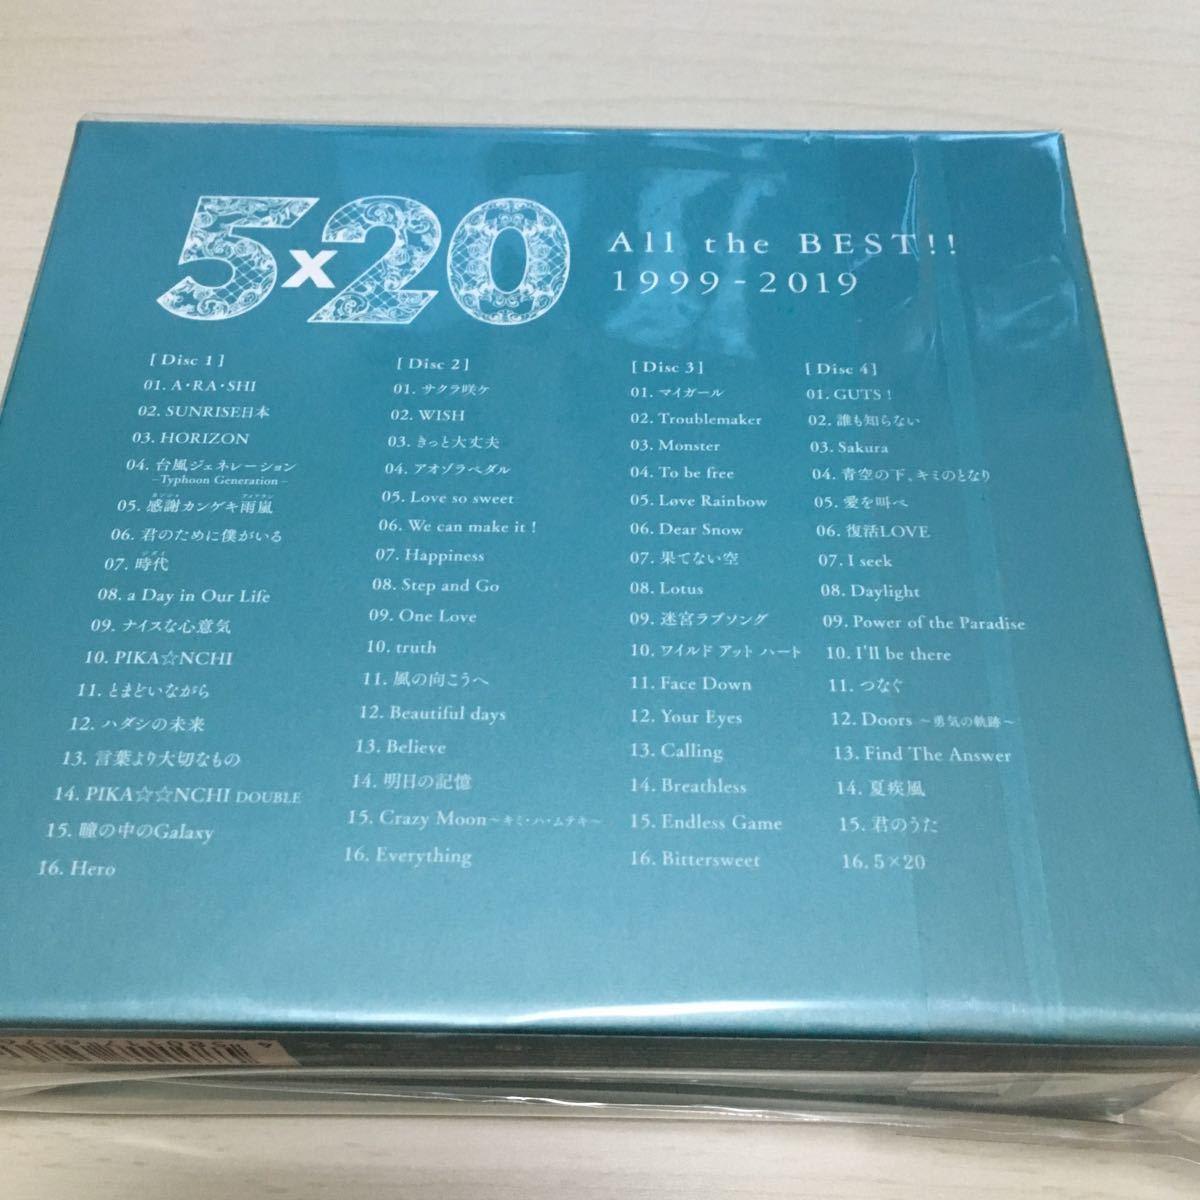 嵐 ベストアルバム 5×20 All the BEST!! 1999-2019 初回限定盤2 !!_画像2